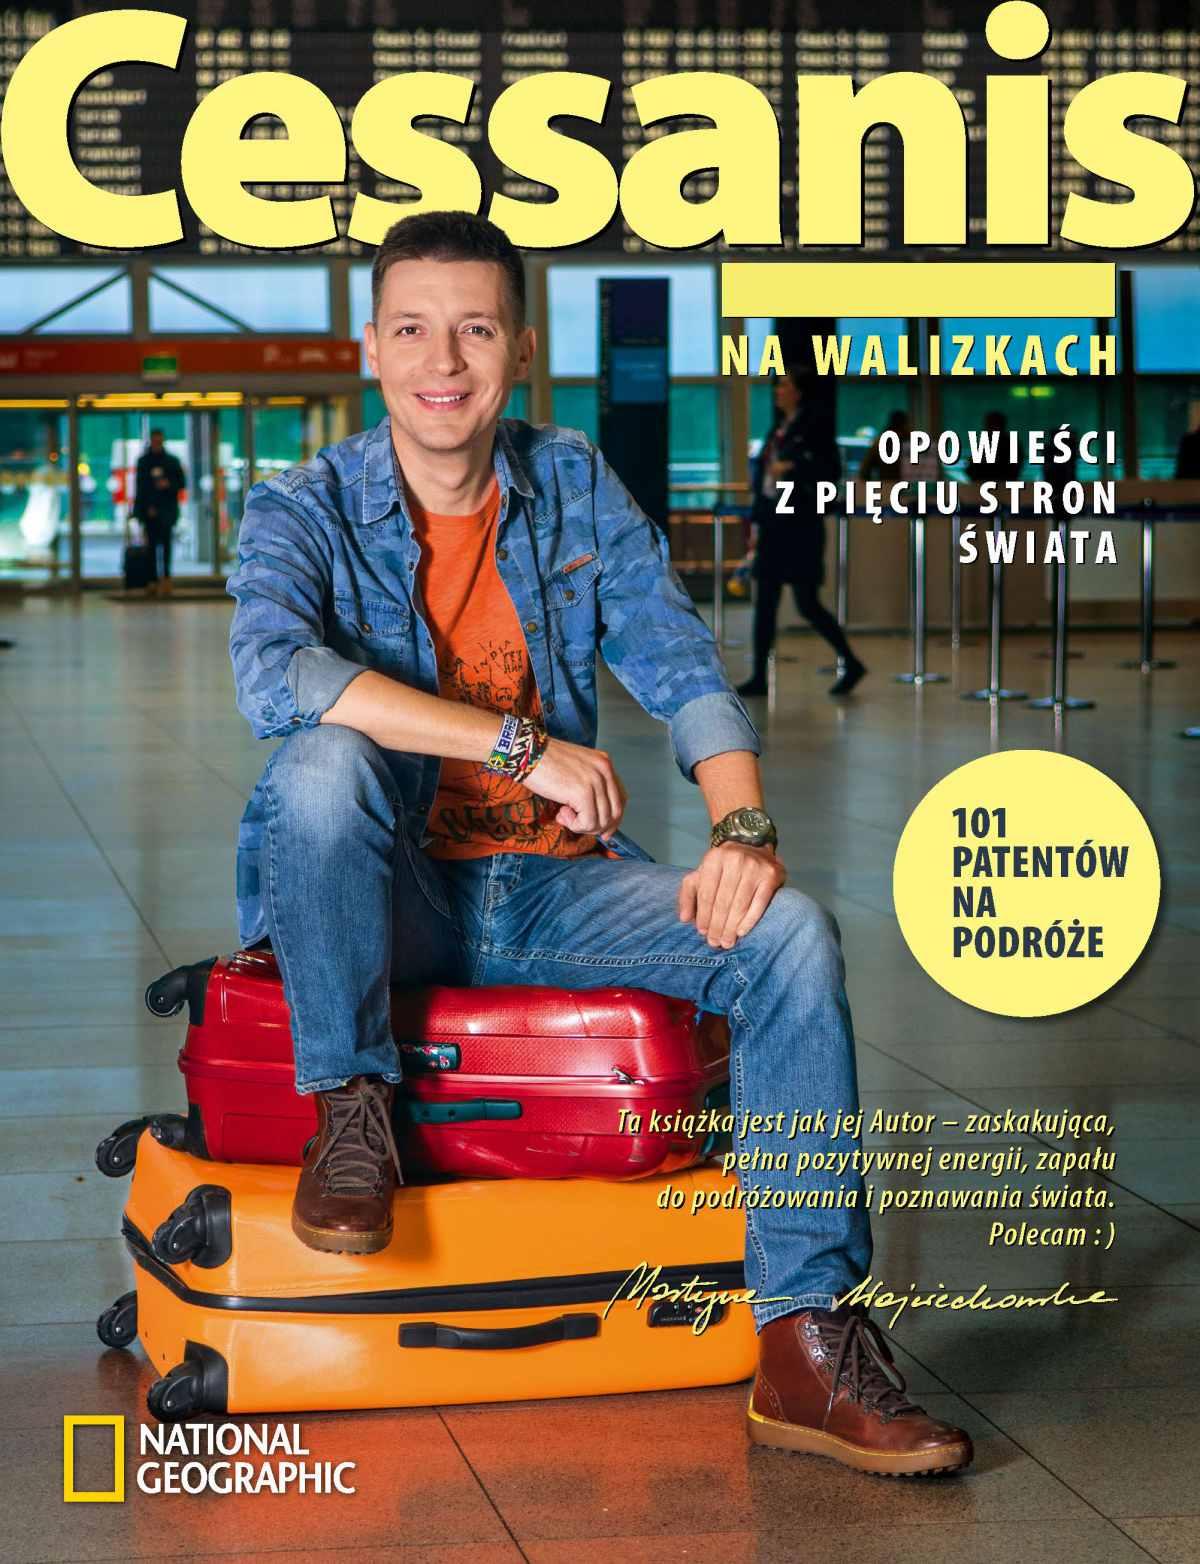 Michał Cessanis na walizkach. Opowieści z pięciu stron świata - Ebook (Książka EPUB) do pobrania w formacie EPUB